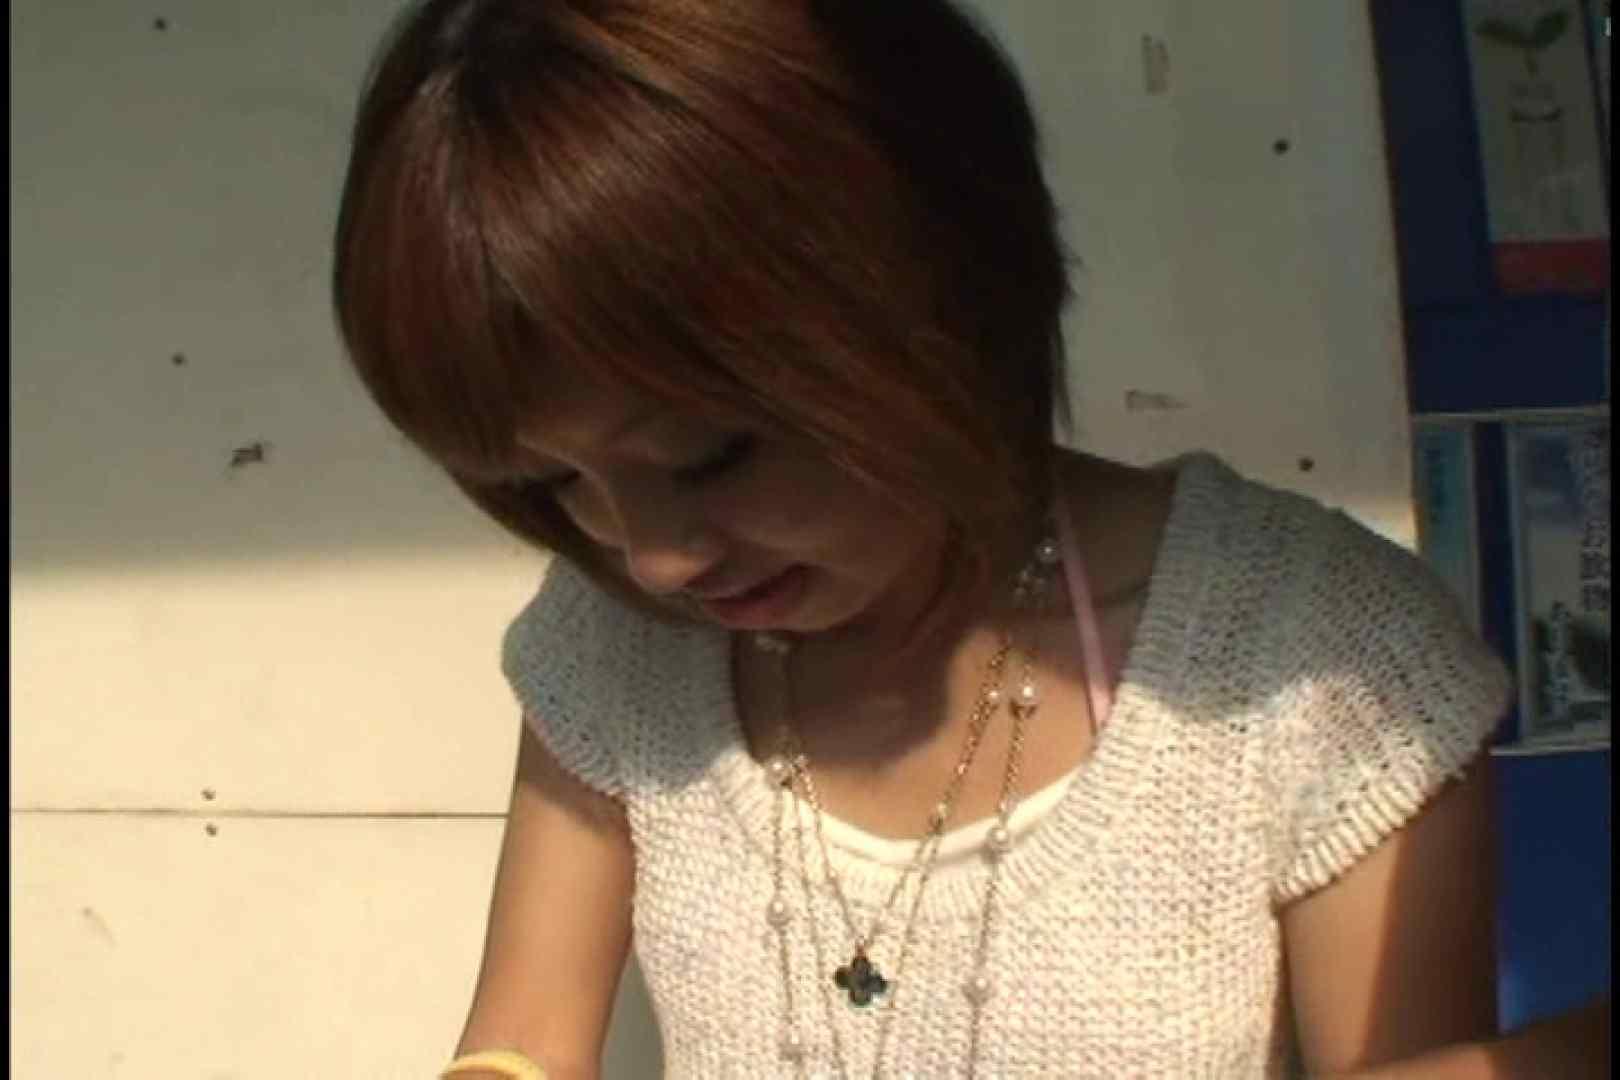 JDハンター全国ツアー vol.026 前編 エロカワ女子大生 | OLのプライベート  11pic 1